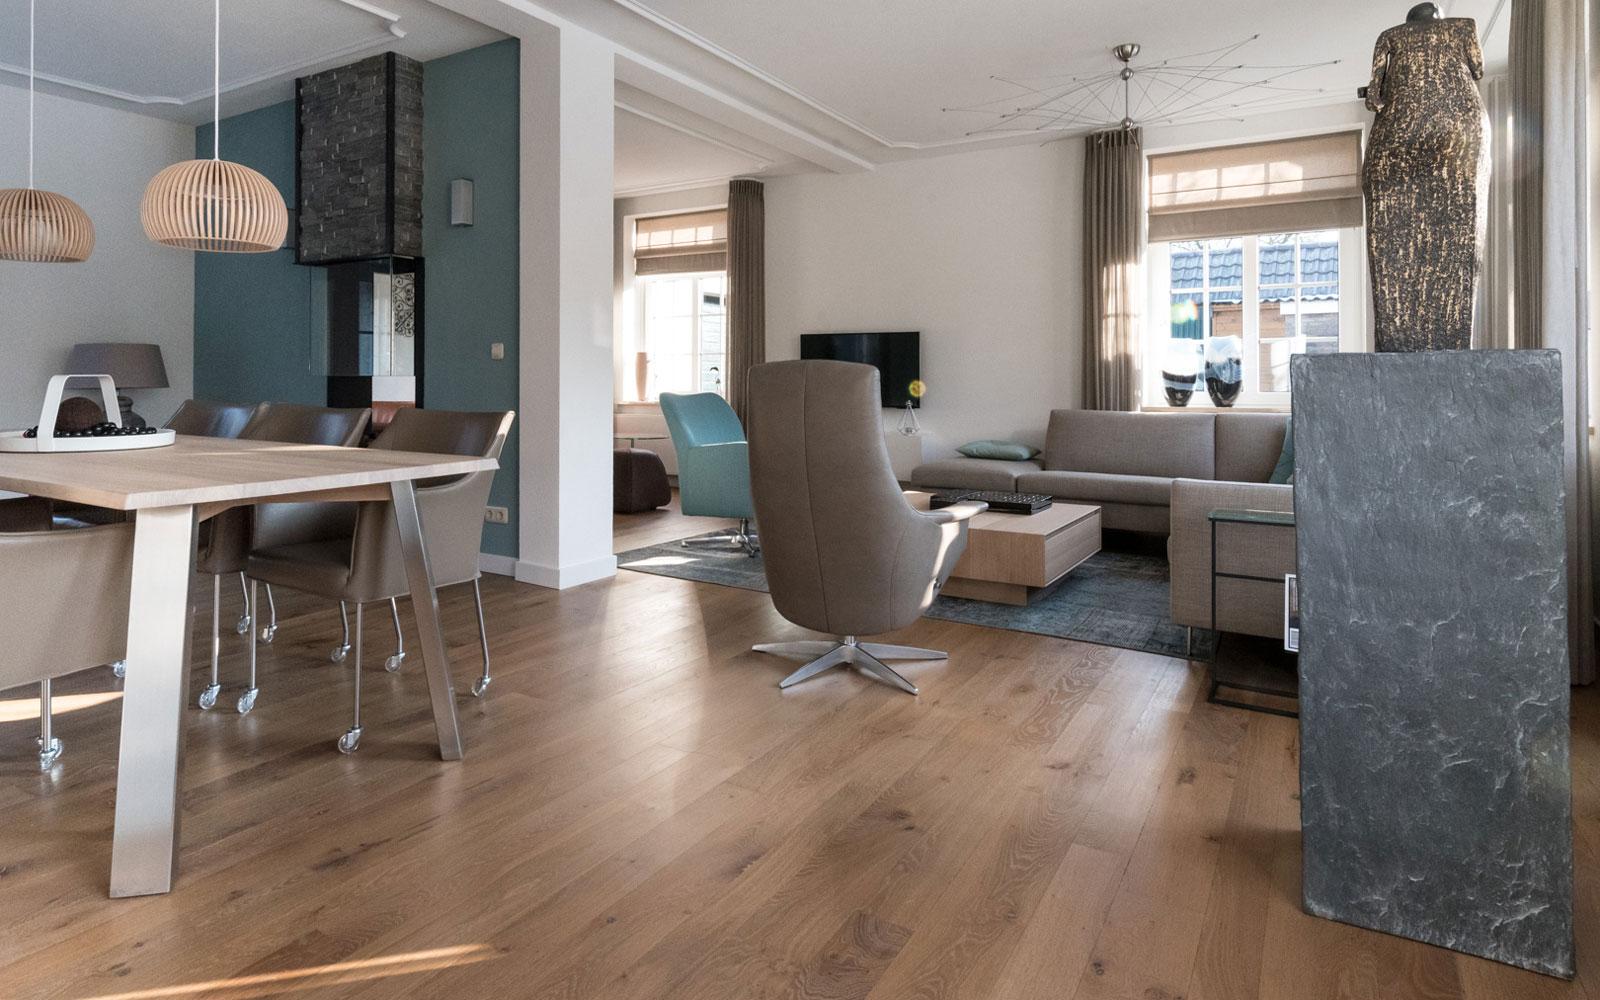 woonkamer houten vloer doorkijkhaard ruimtelijk hoekbank metamorfose interieur marstyling